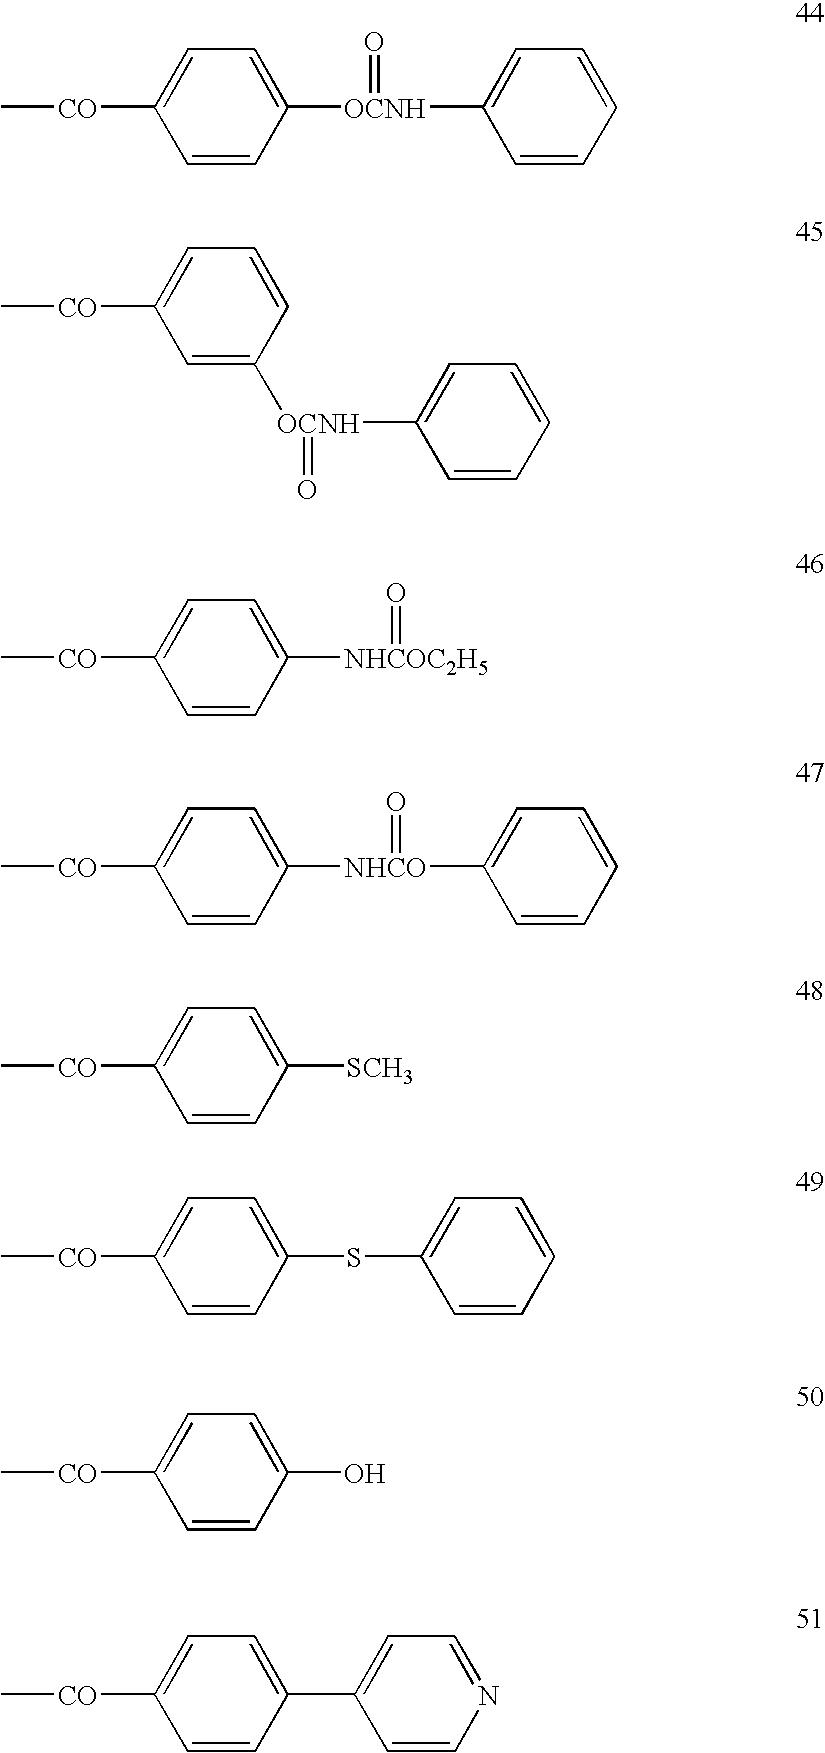 Figure US20100090364A1-20100415-C00006